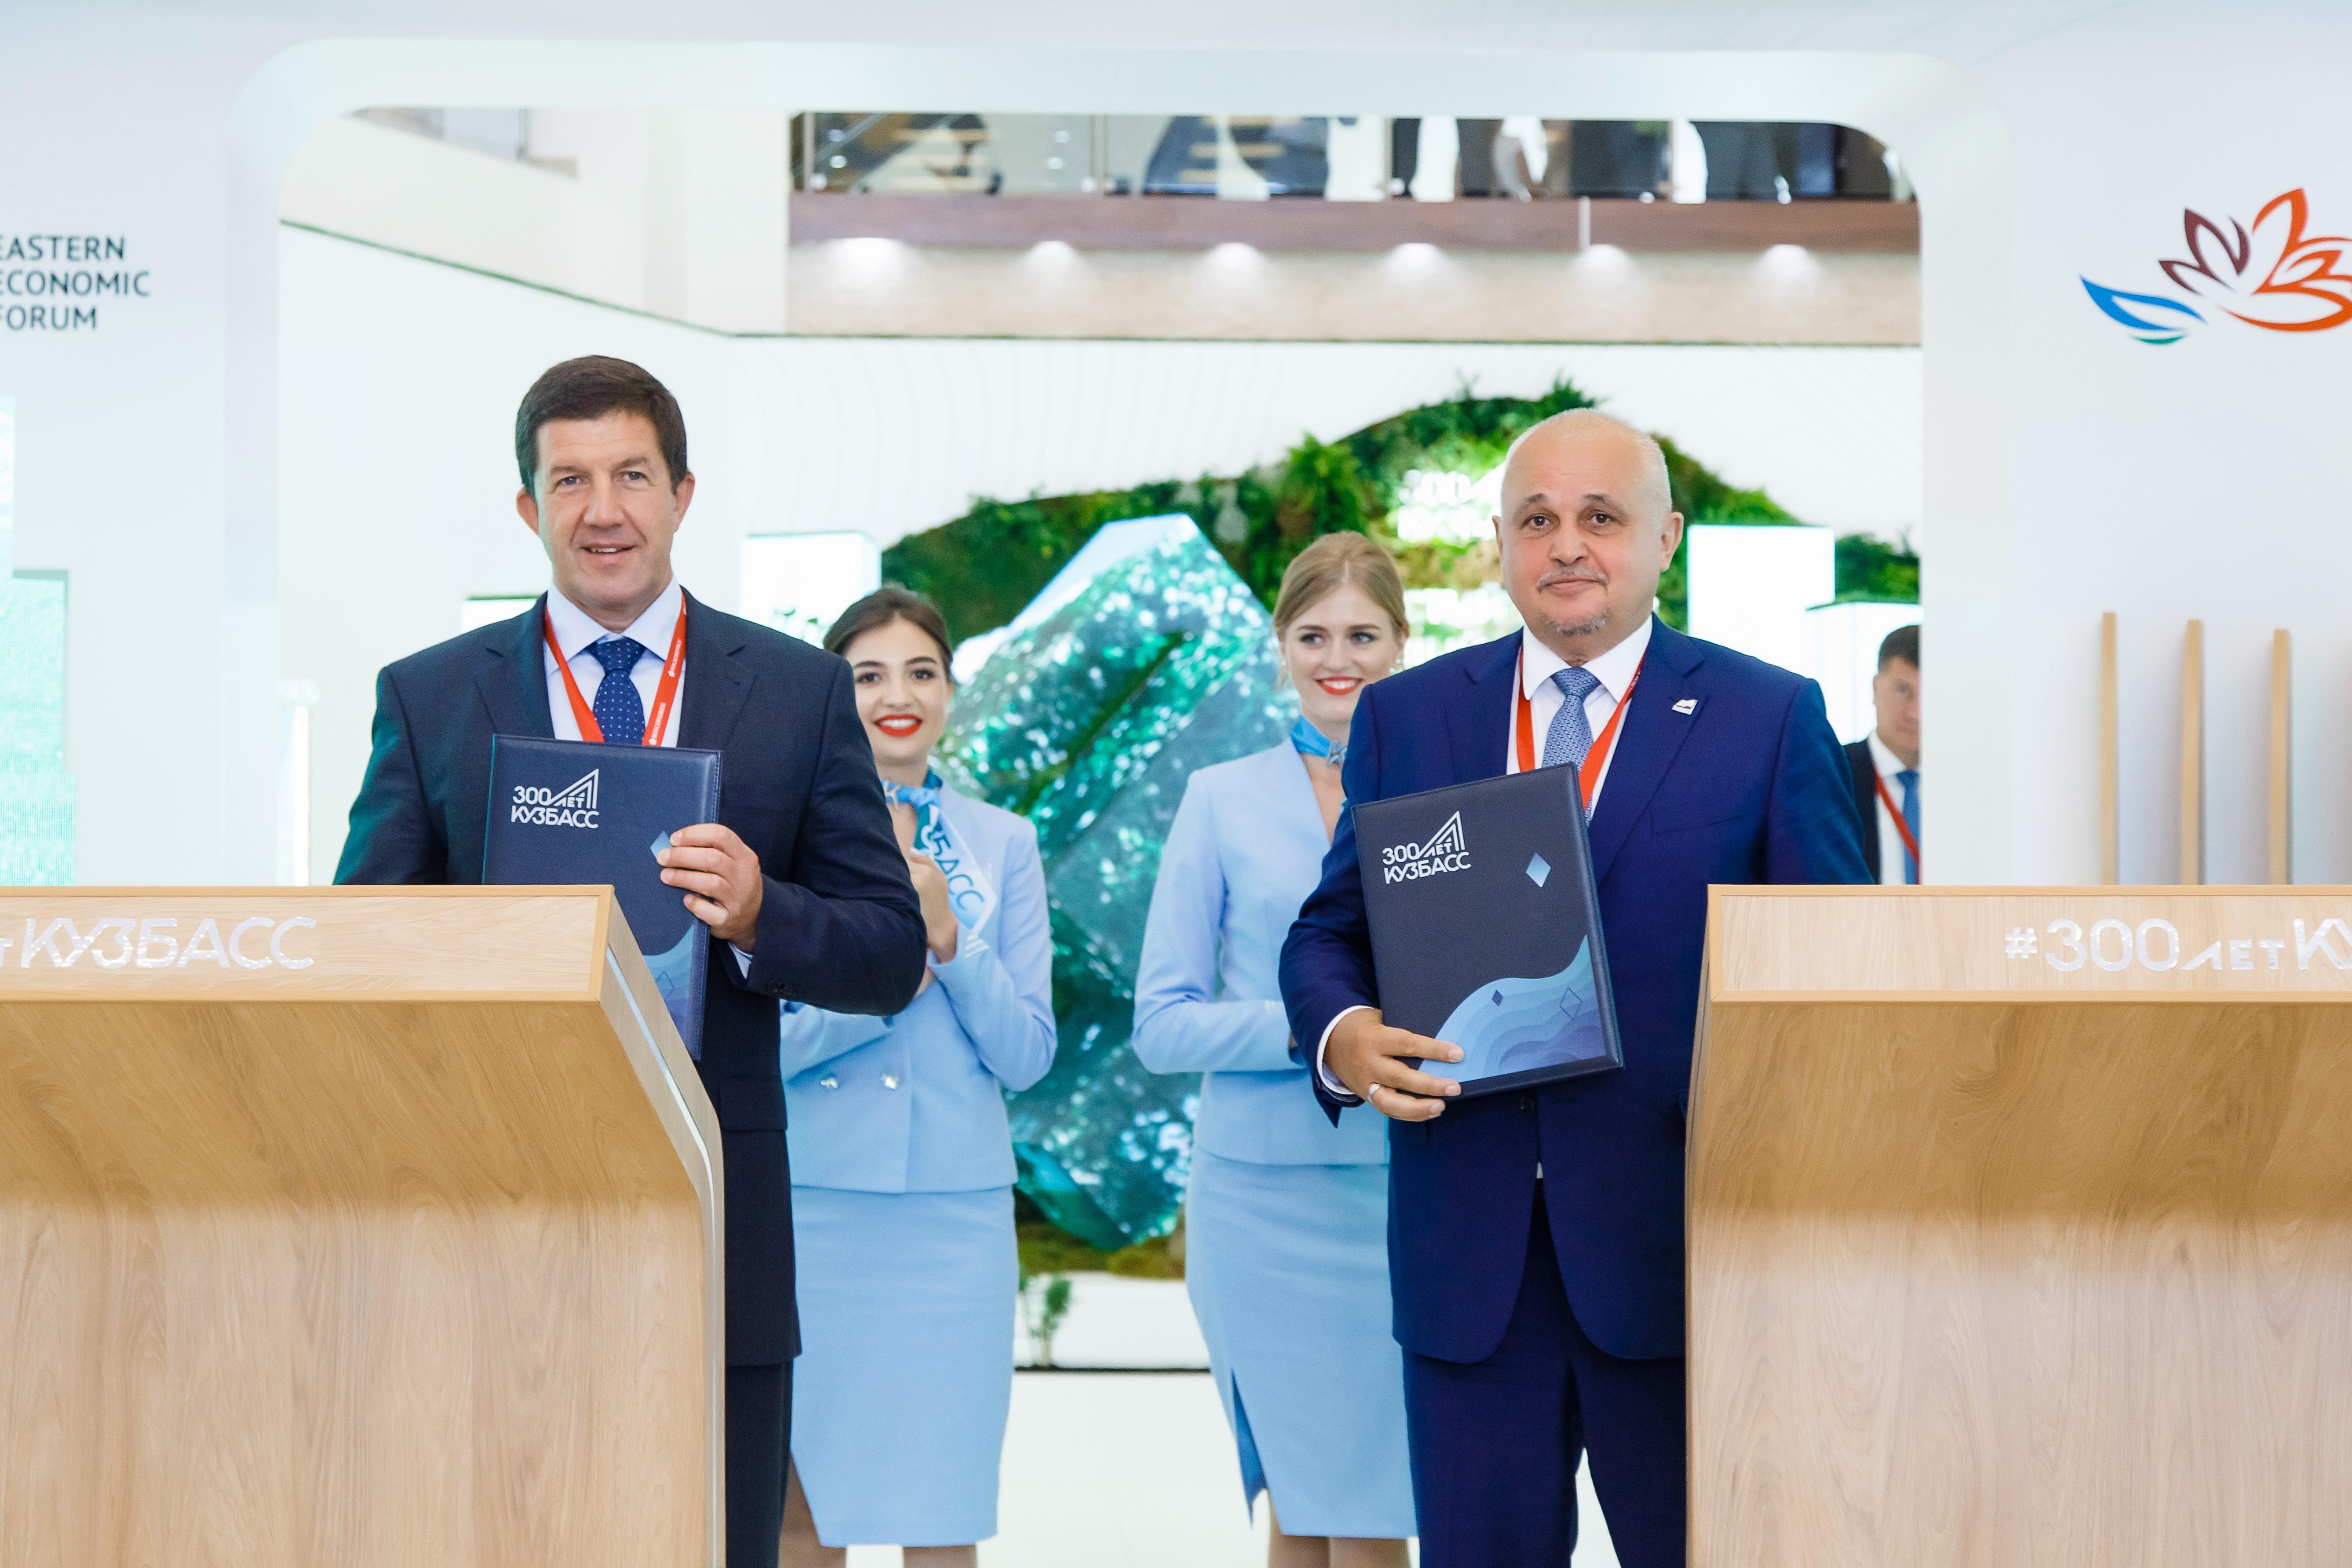 Правительство Кузбасса и «Ростелеком» подписали соглашение о сотрудничестве